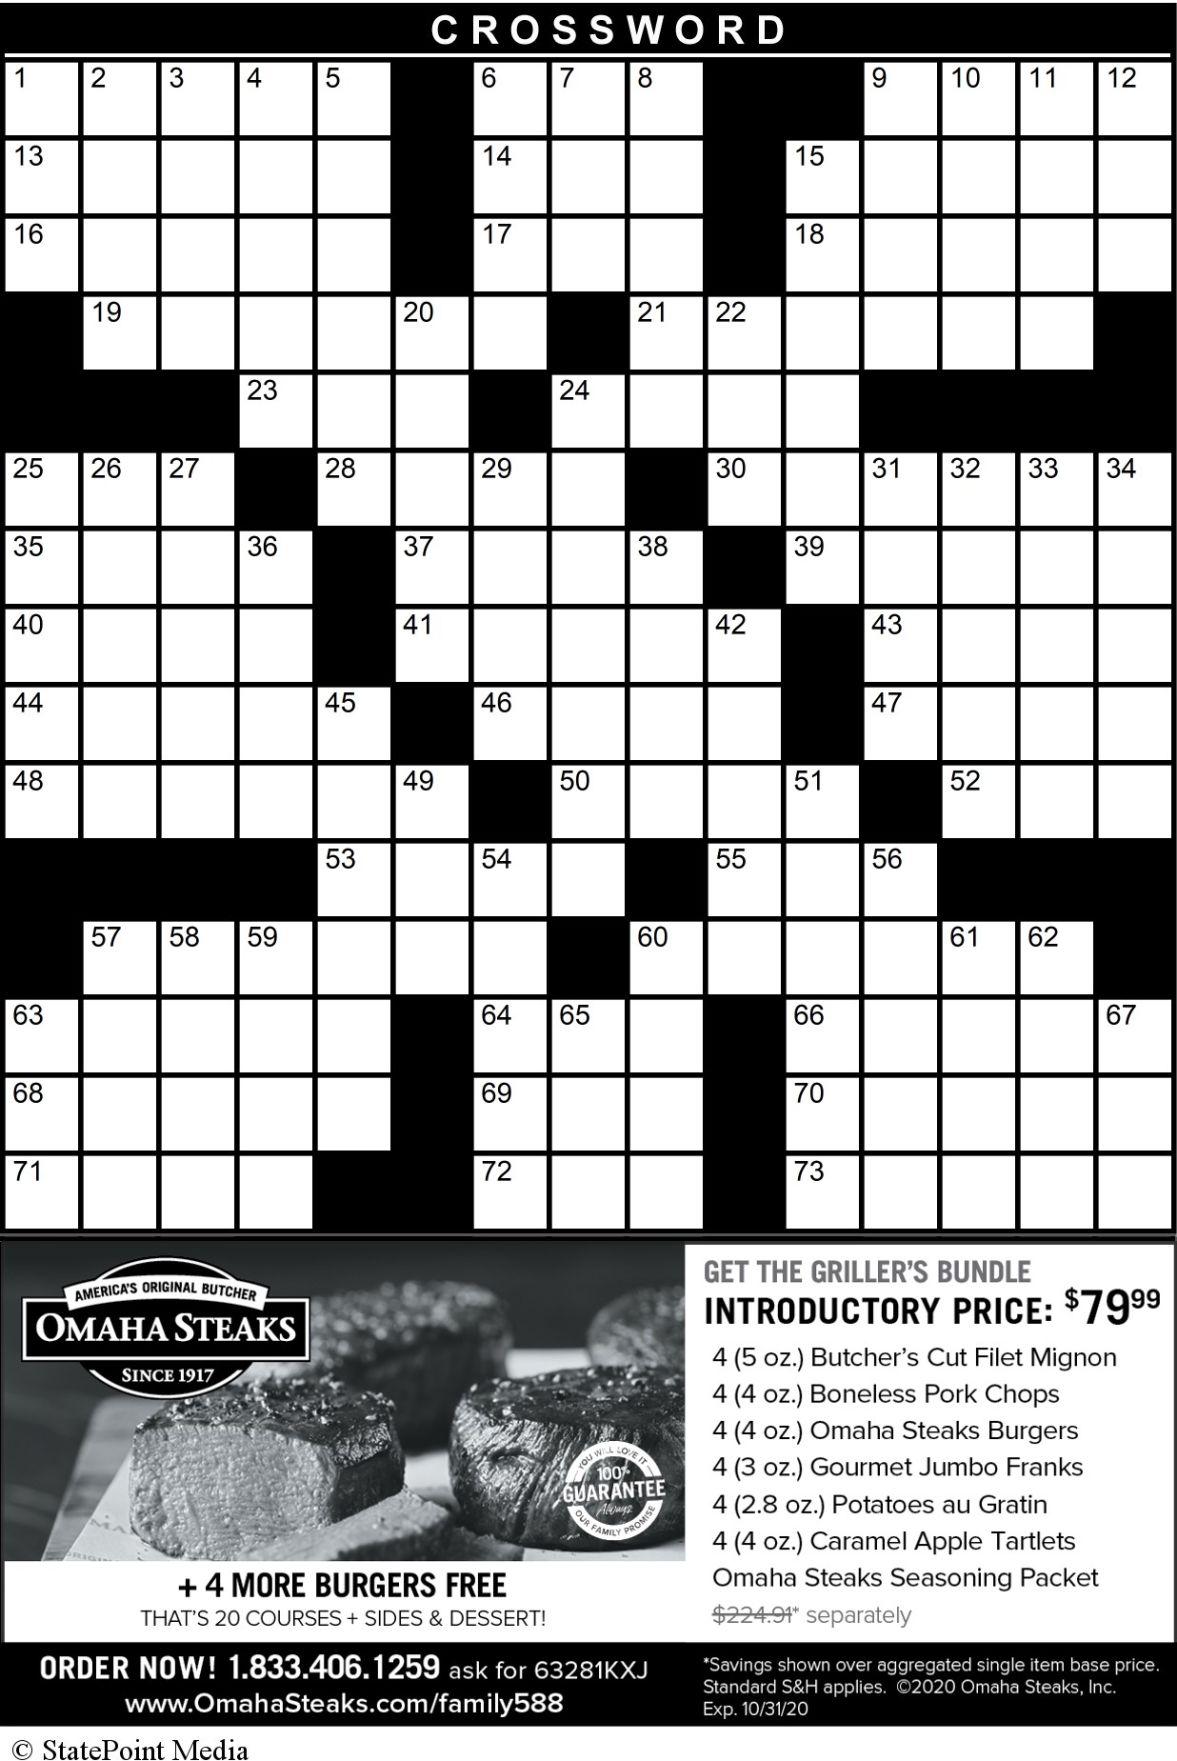 07-09-20 CW Puzzle.jpg